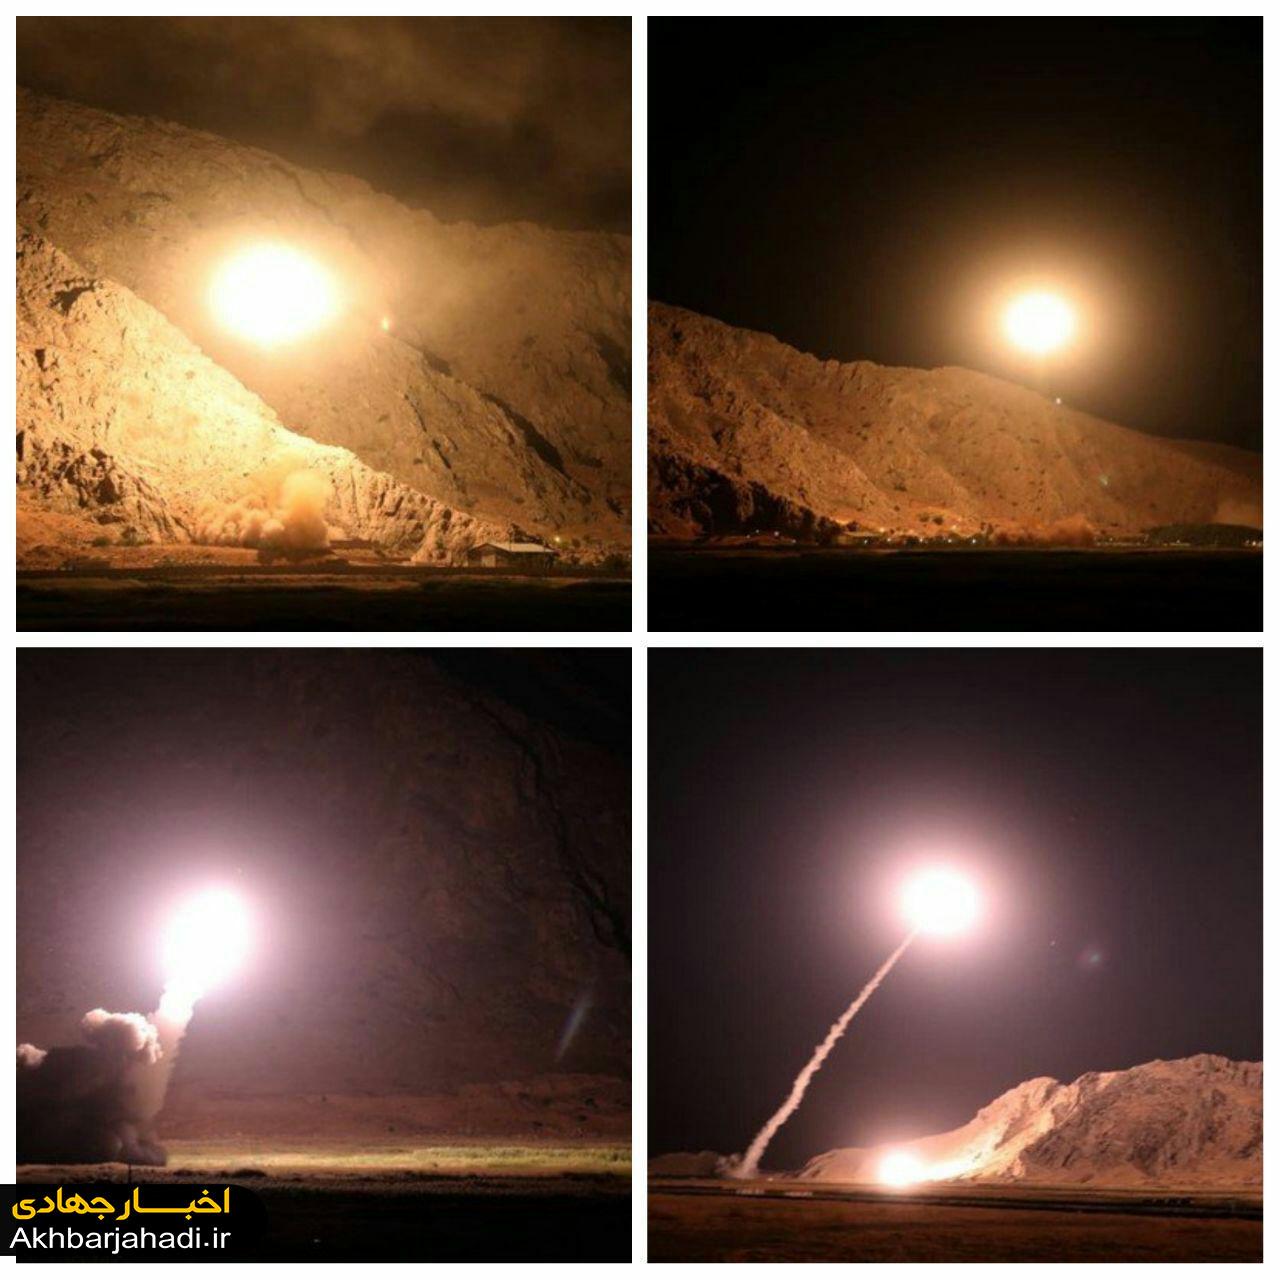 بازتاب حمله موشکی ایران به مقر تروریستها در رسانههای جهان/ این حمله حامل پیامی برای اسرائیل، عربستان و آمریکا بود